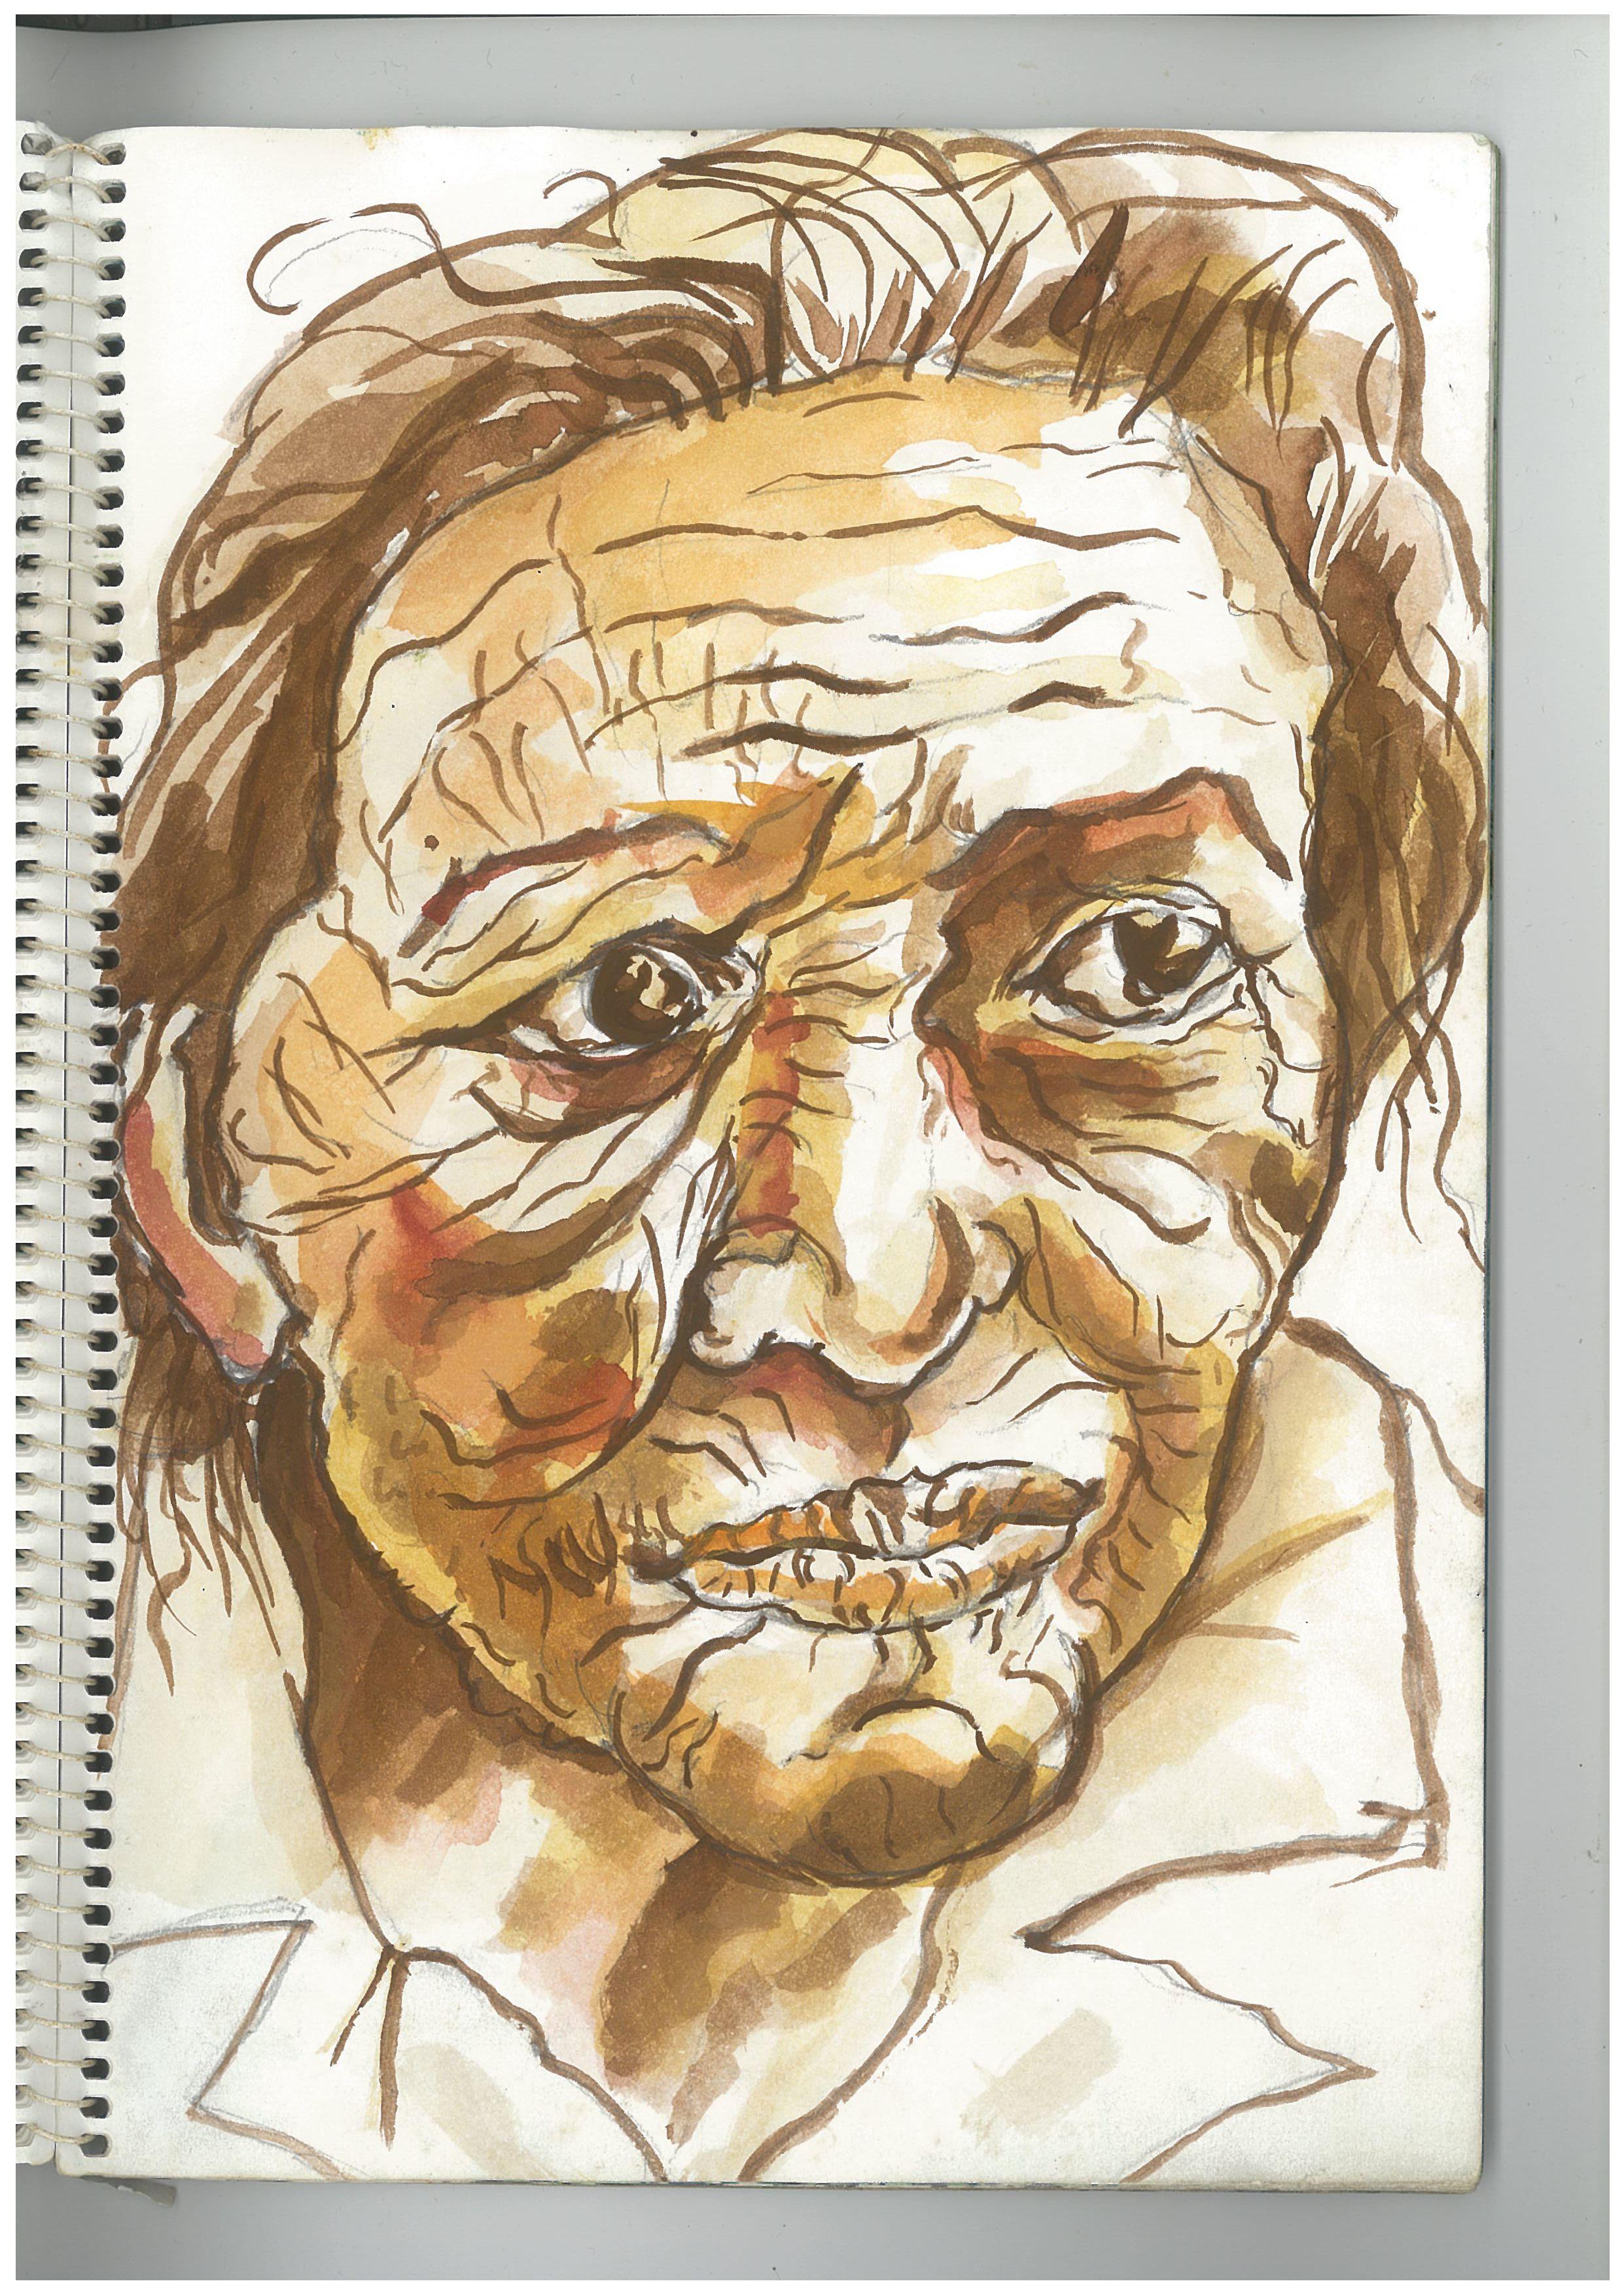 k. monochrome old woman